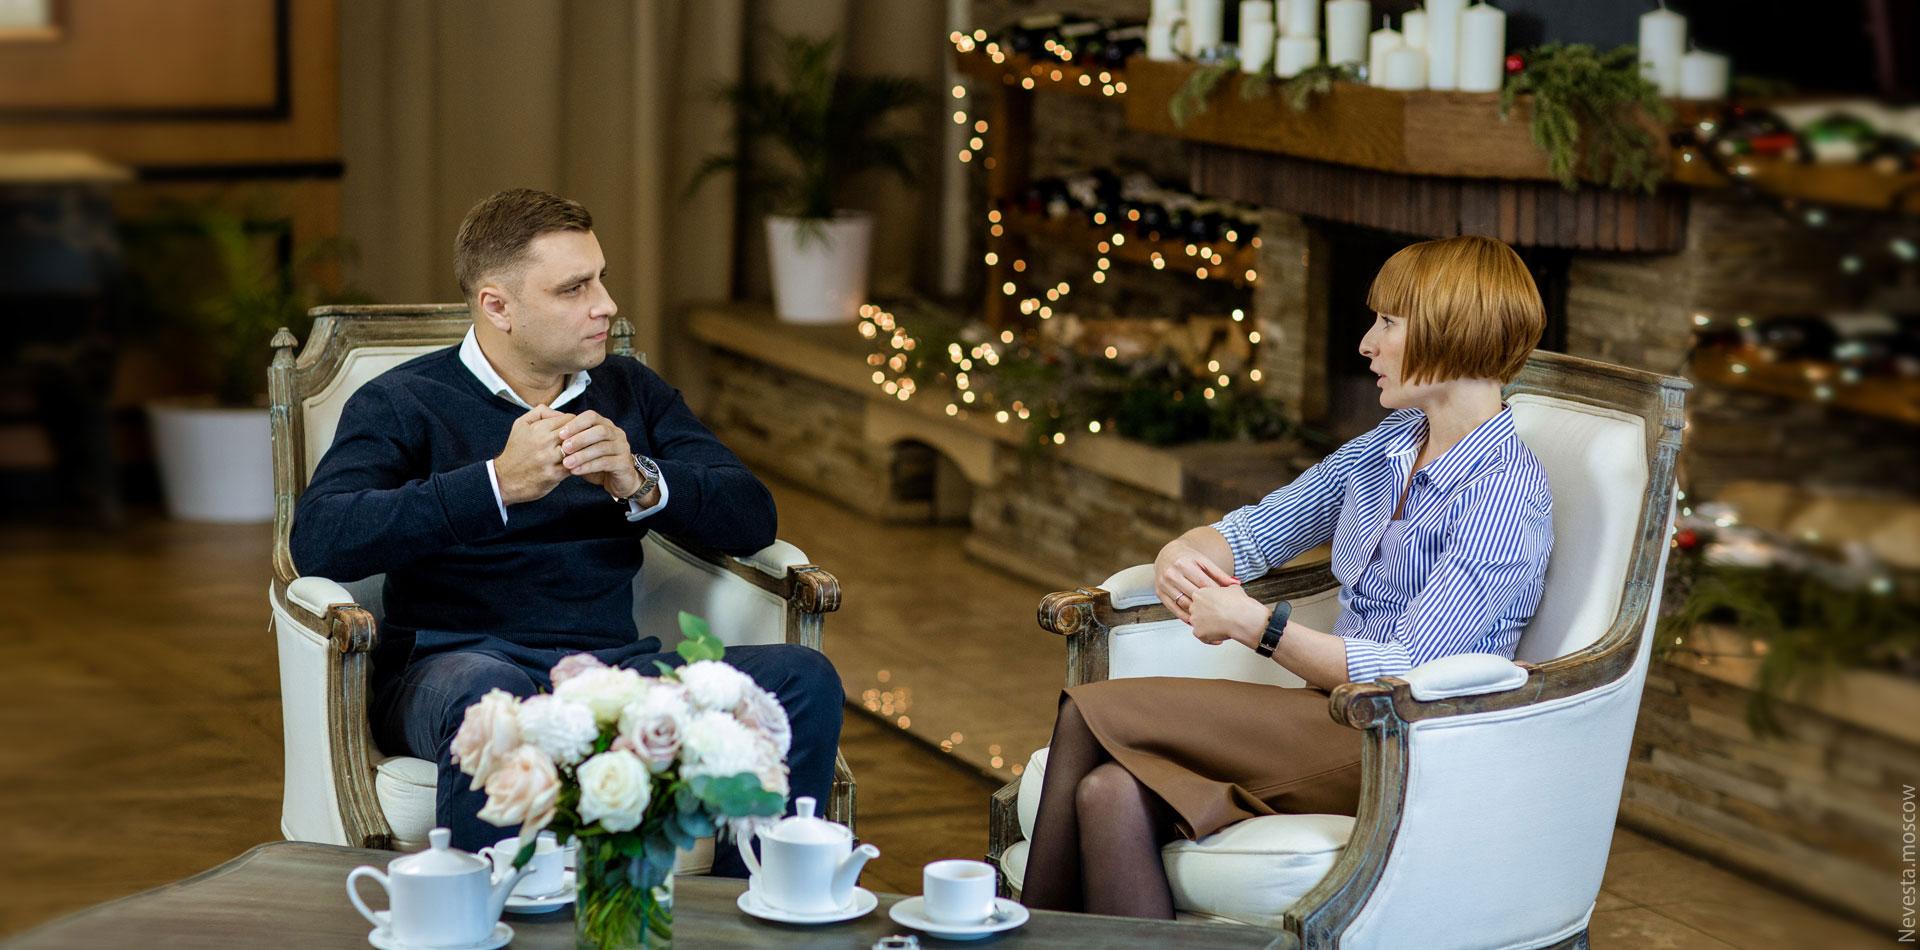 Свадебное агентство «Для Двоих» интервью фото 6